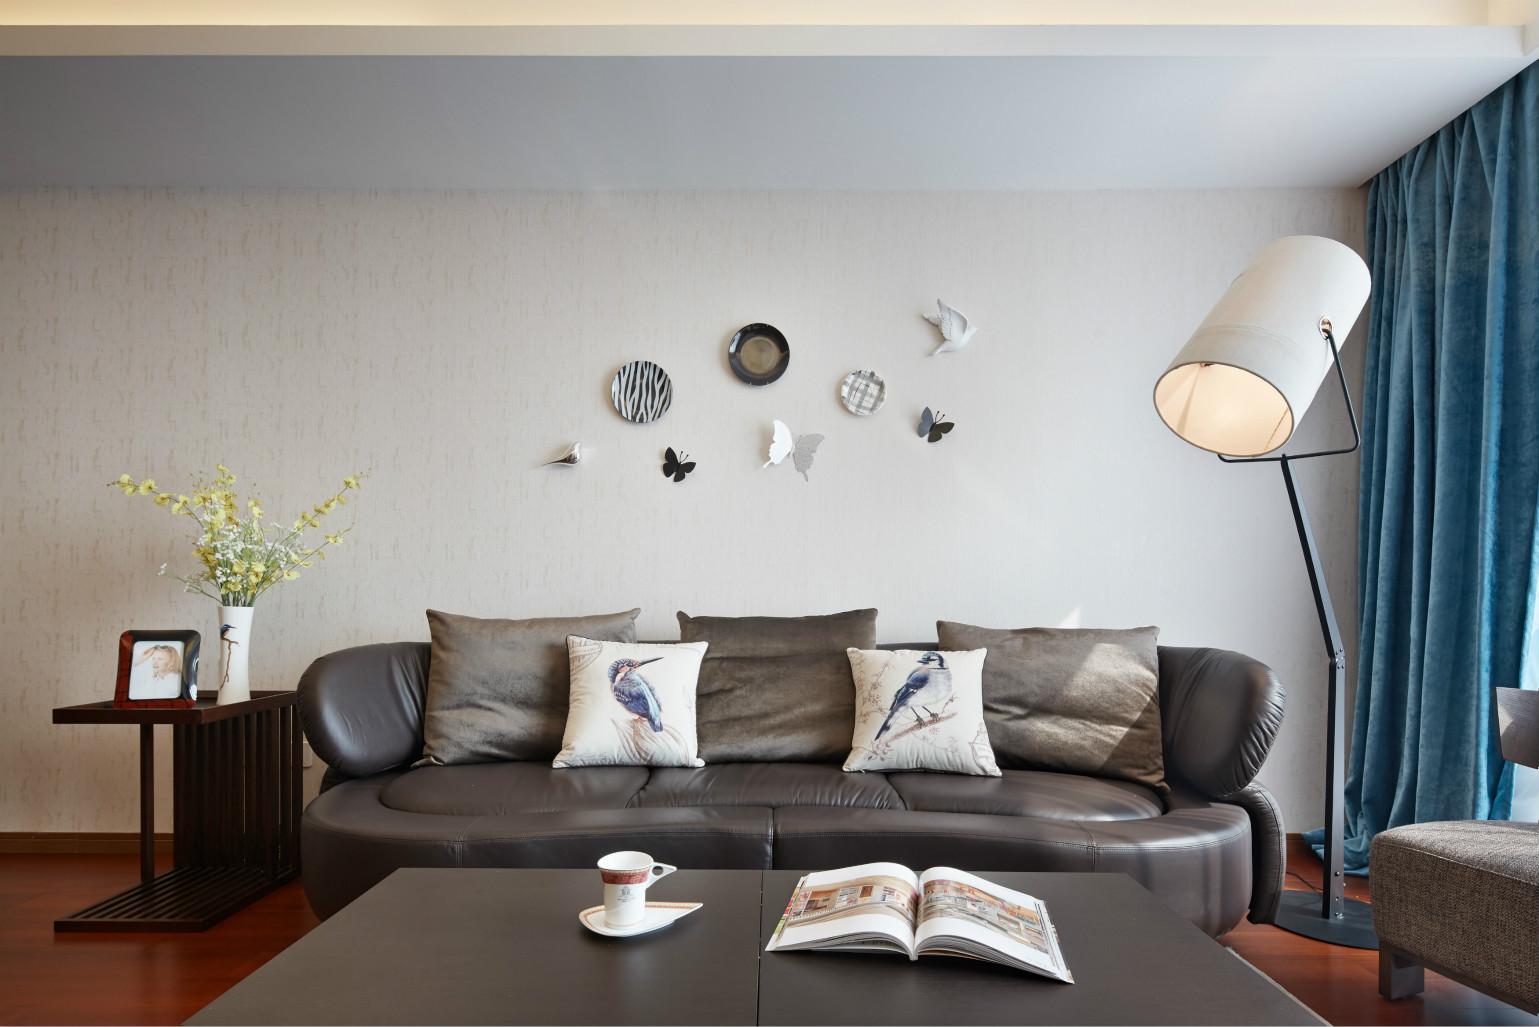 现代简中式三沙发背景墙装修效果图